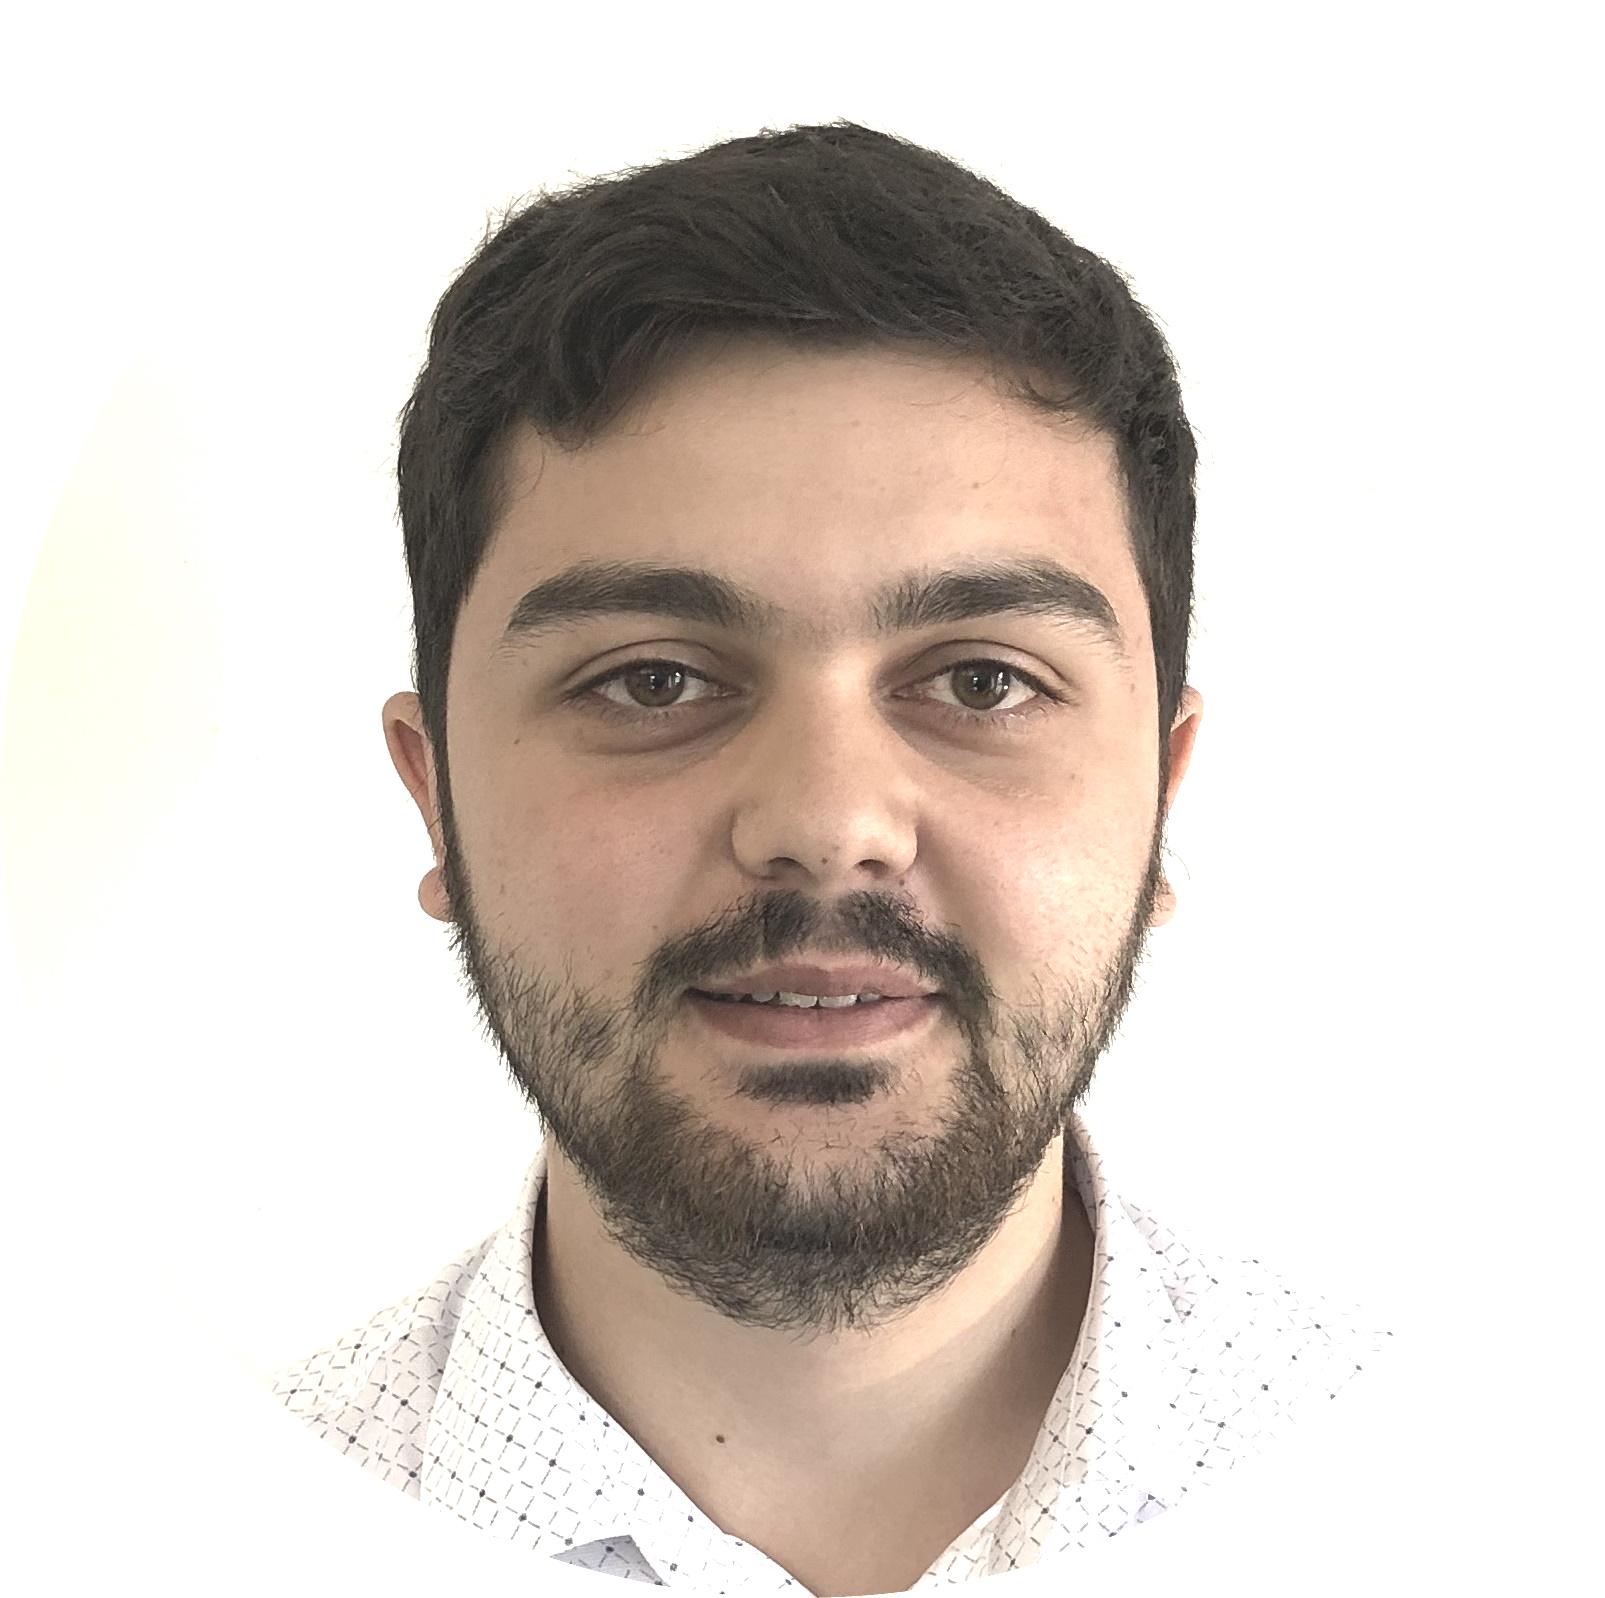 Elshad Guliyev